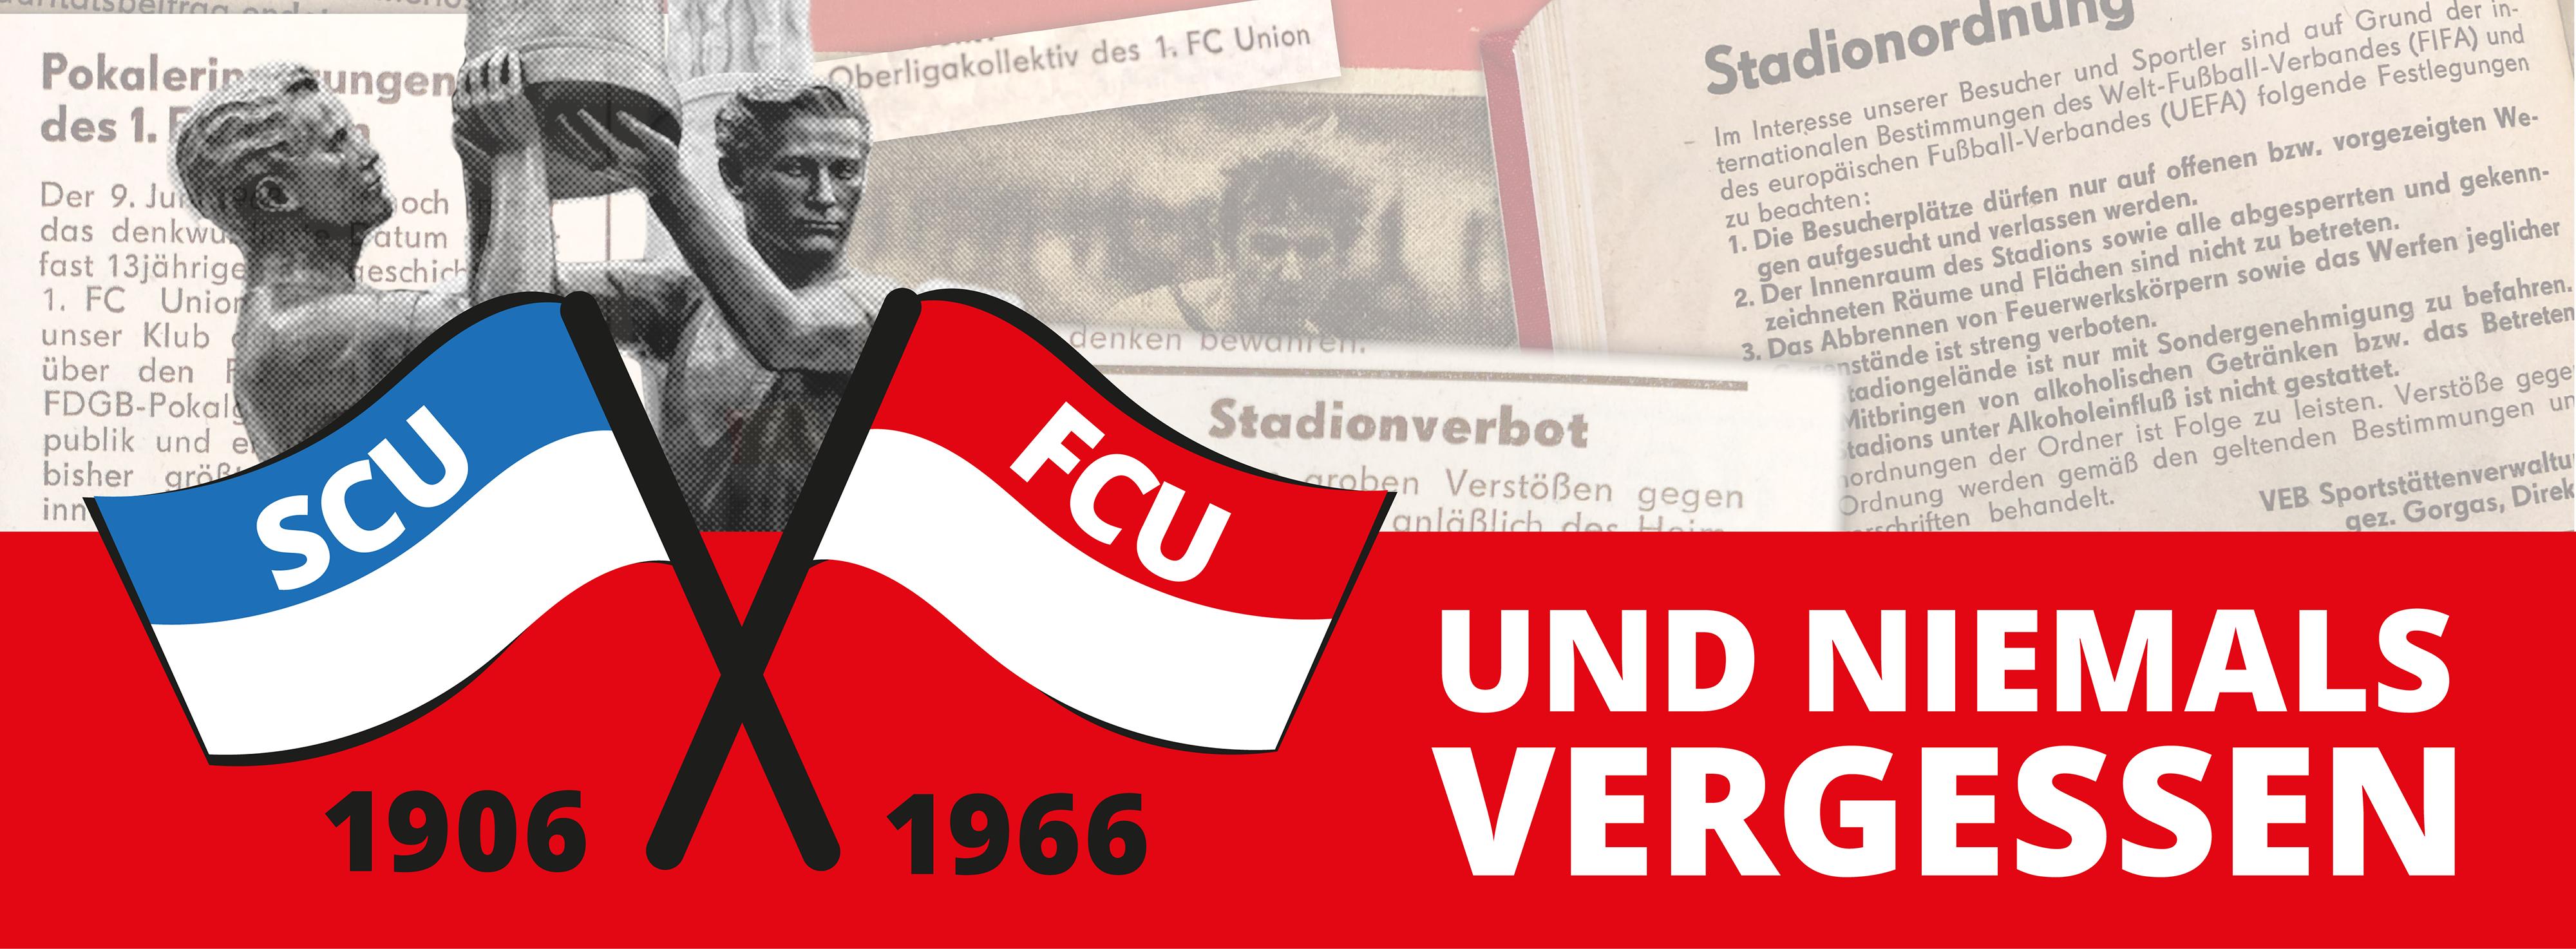 Banner: Und niemals vergessen - Der Geschichtspodcast über den 1. FC Union Berlin